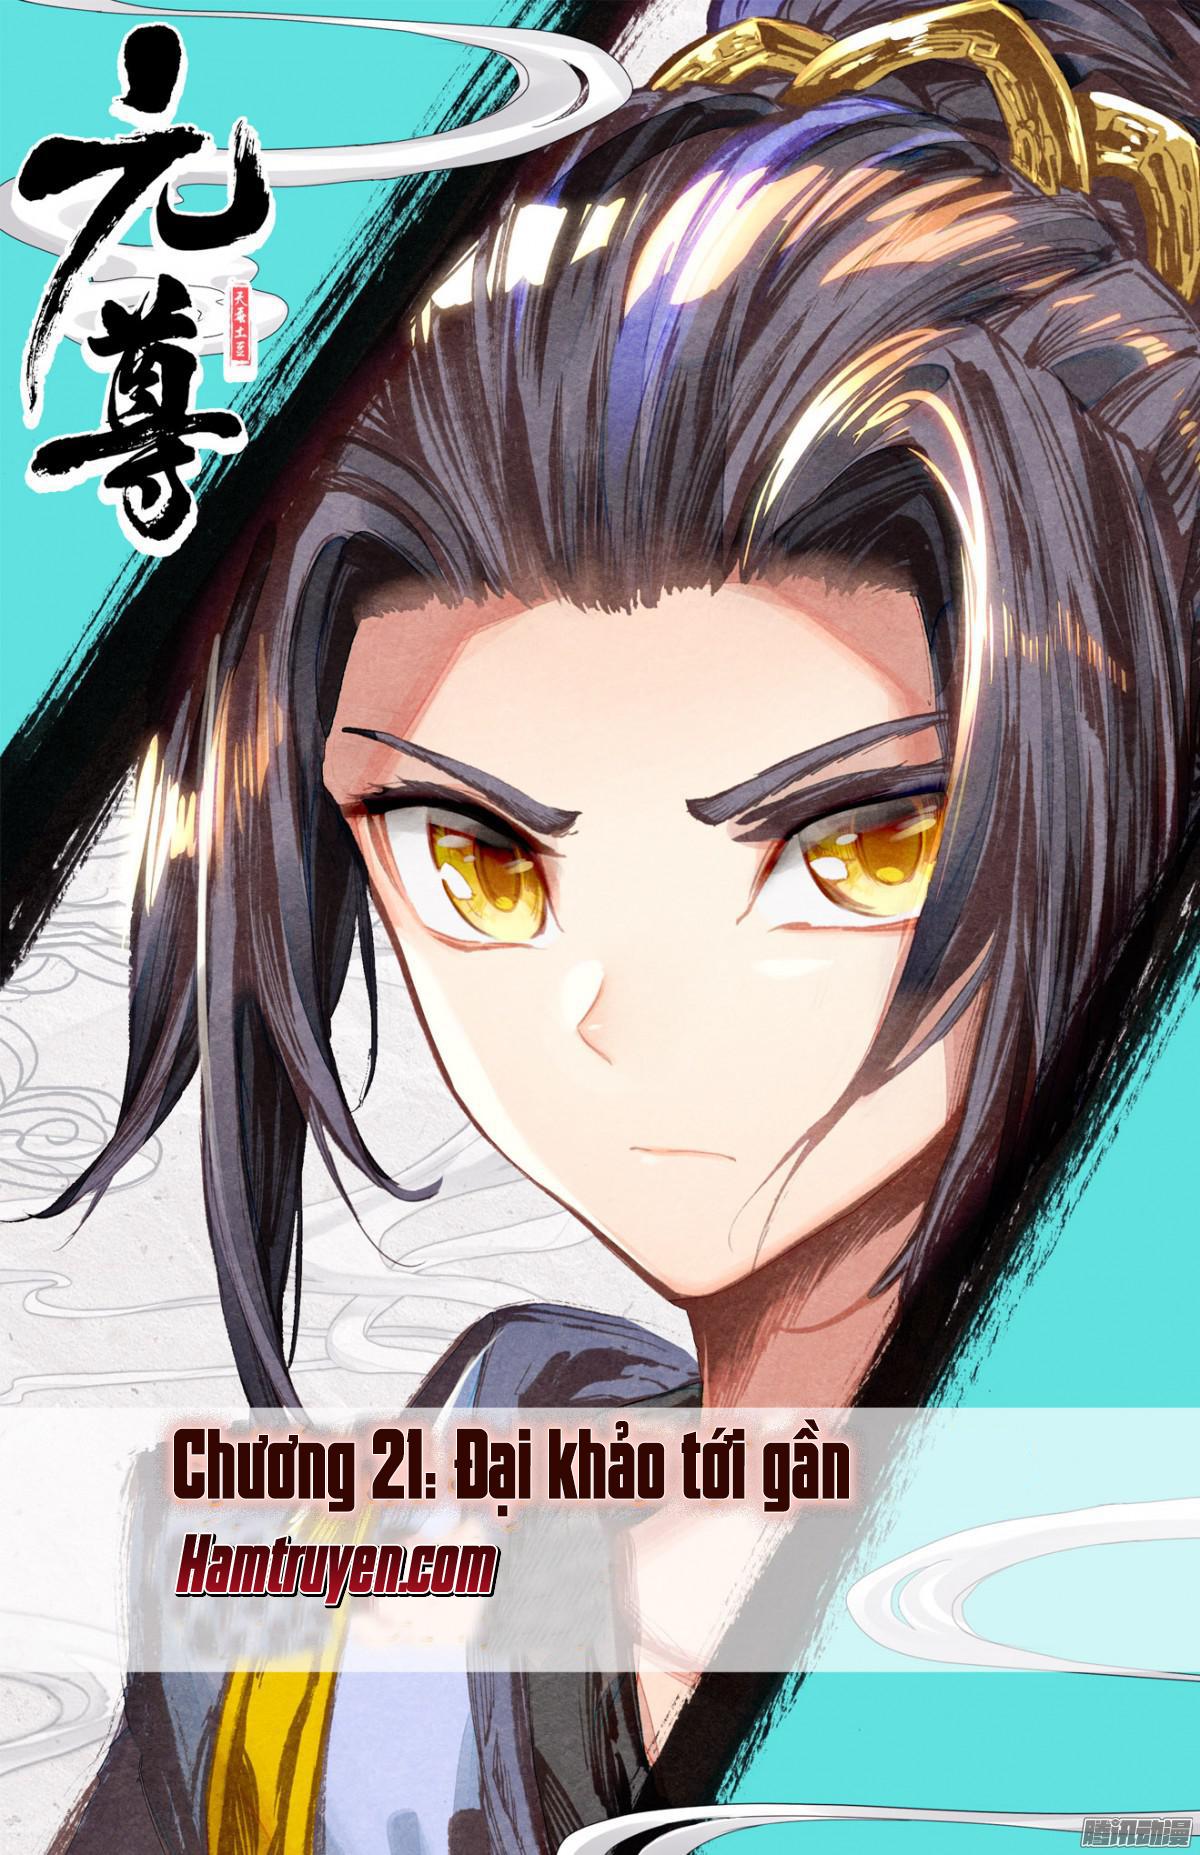 Nguyên Tôn Chap 21